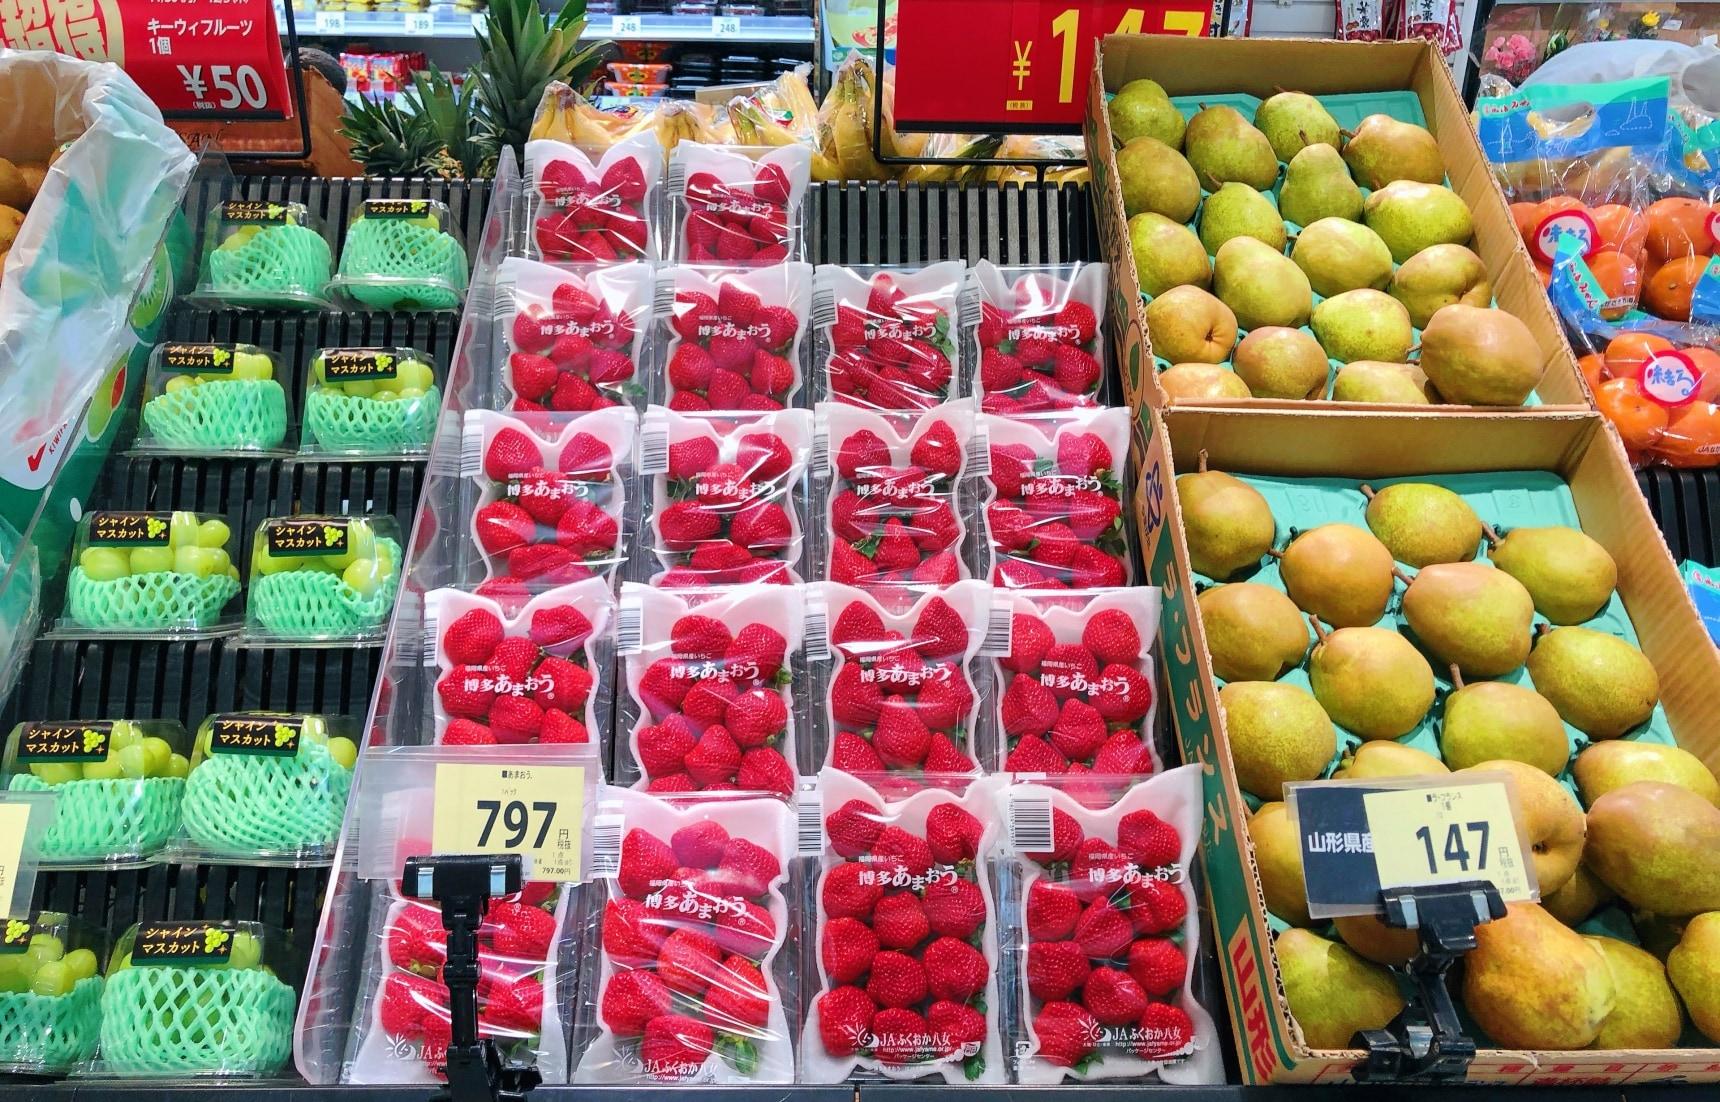 """日本的水果惊为天价?吃个西瓜就会变身""""土豪""""!这背后..."""